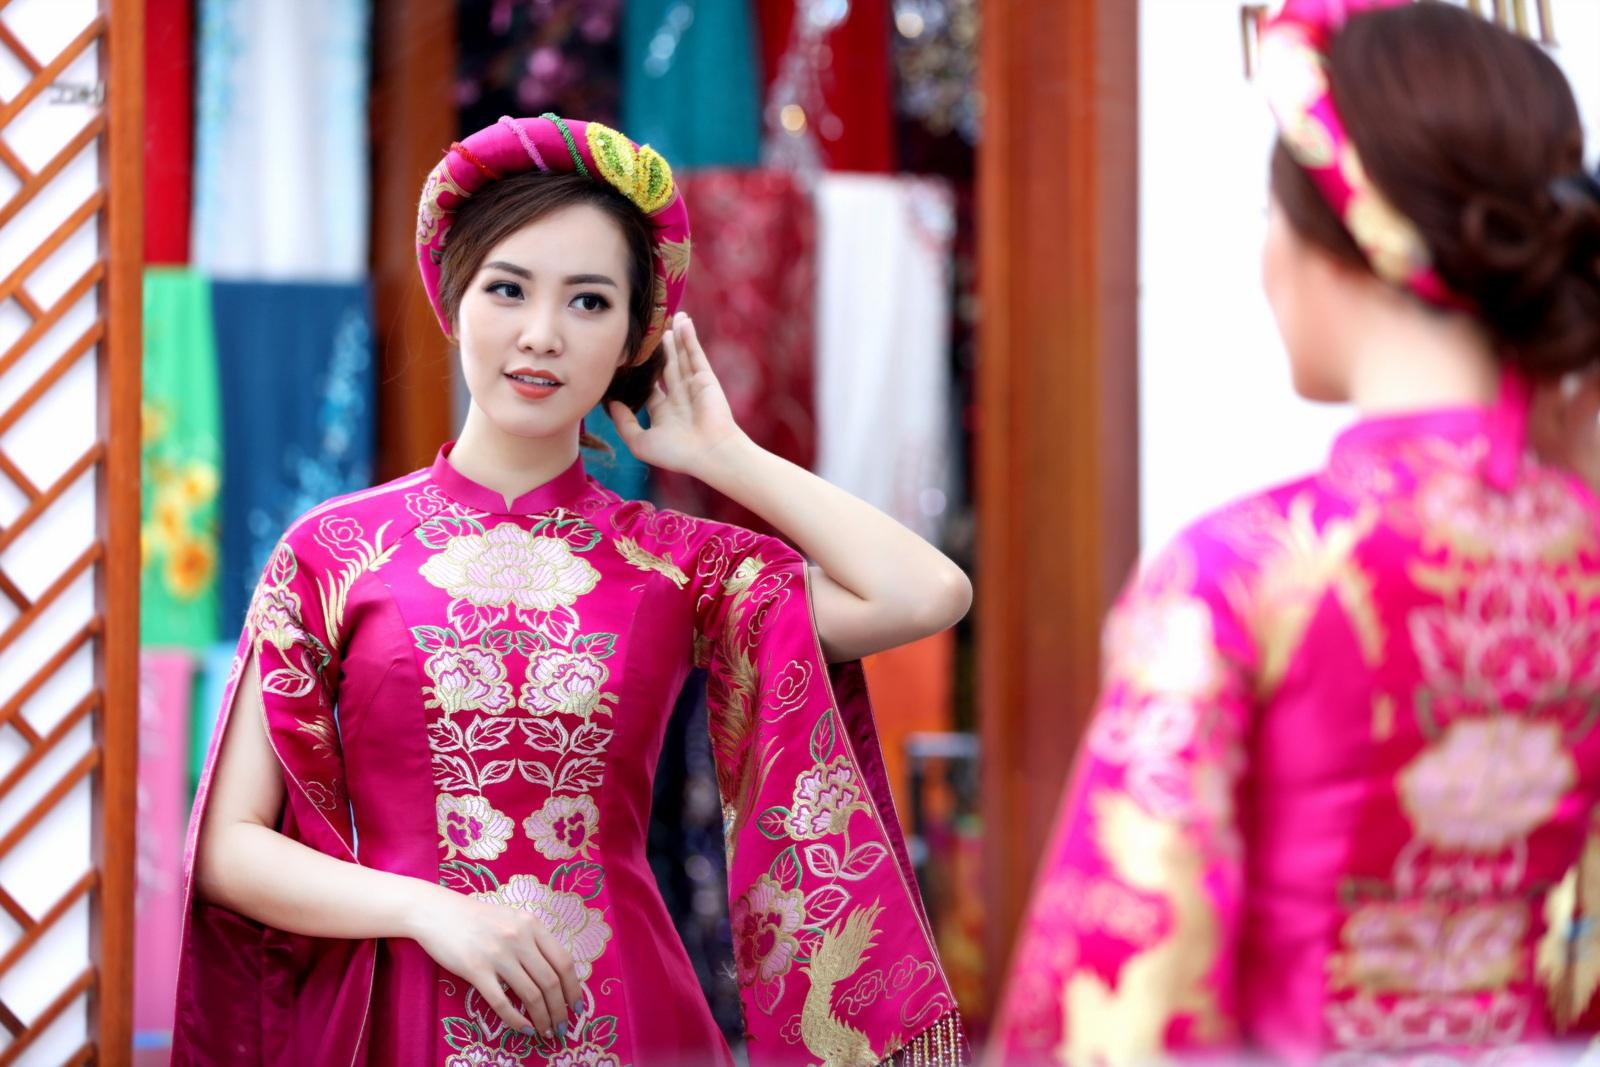 Thuỵ Vân thử trang phục chuẩn bị làm MC Chung kết Hoa hậu Việt Nam - 2